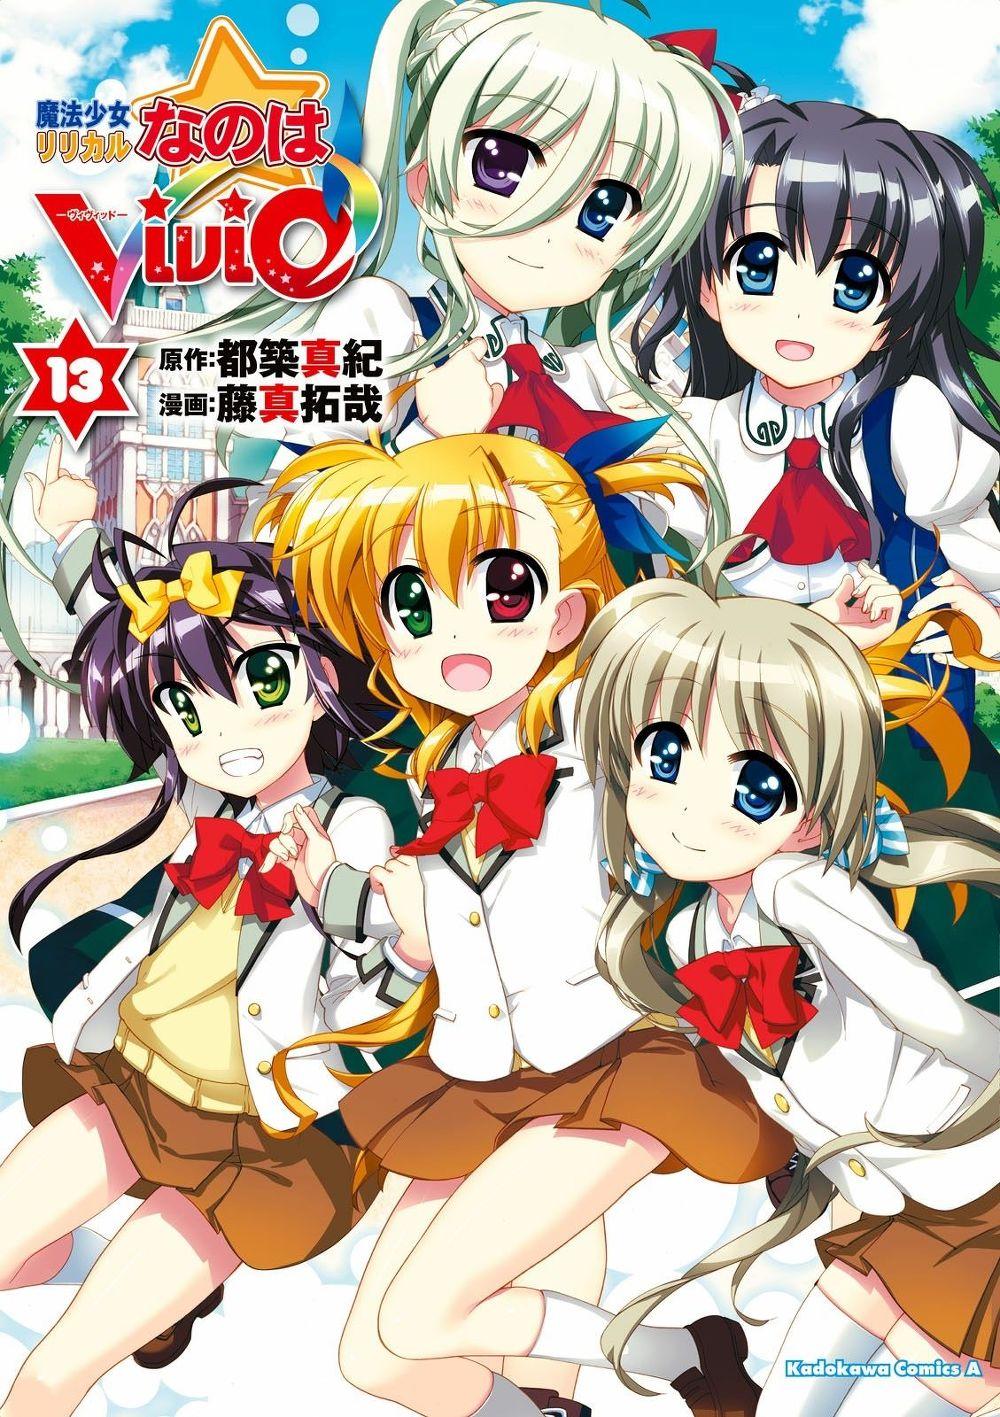 마법소녀 리리컬 나노하 ViVid 第13巻 (魔法少女リリカルなのはVivid 第13巻